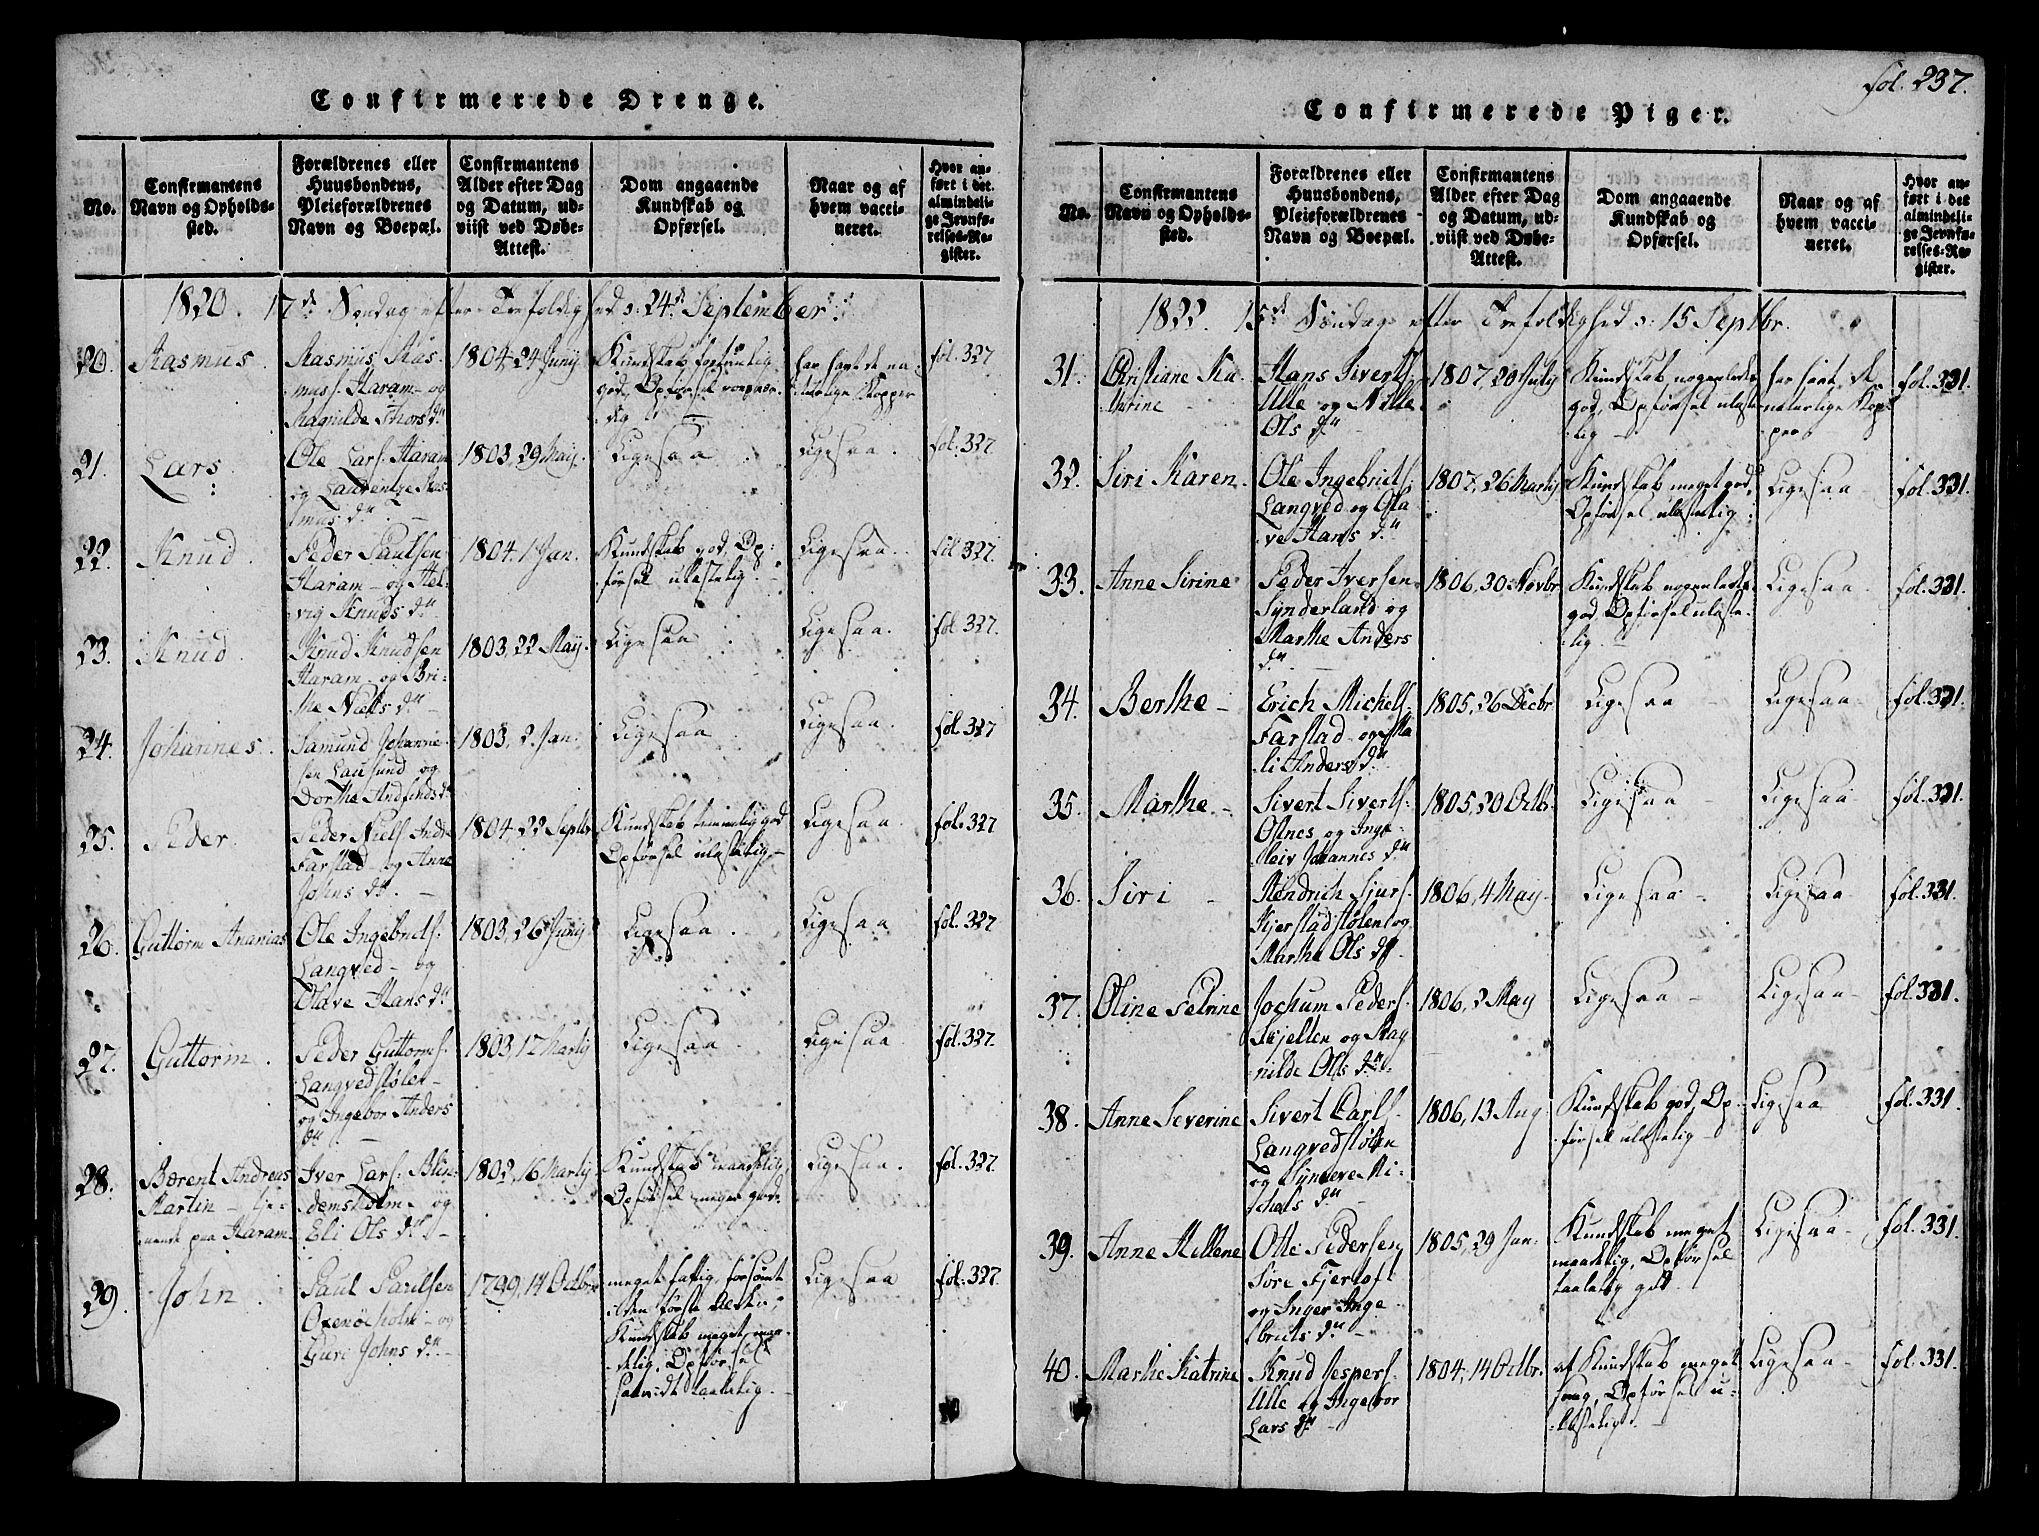 SAT, Ministerialprotokoller, klokkerbøker og fødselsregistre - Møre og Romsdal, 536/L0495: Ministerialbok nr. 536A04, 1818-1847, s. 237